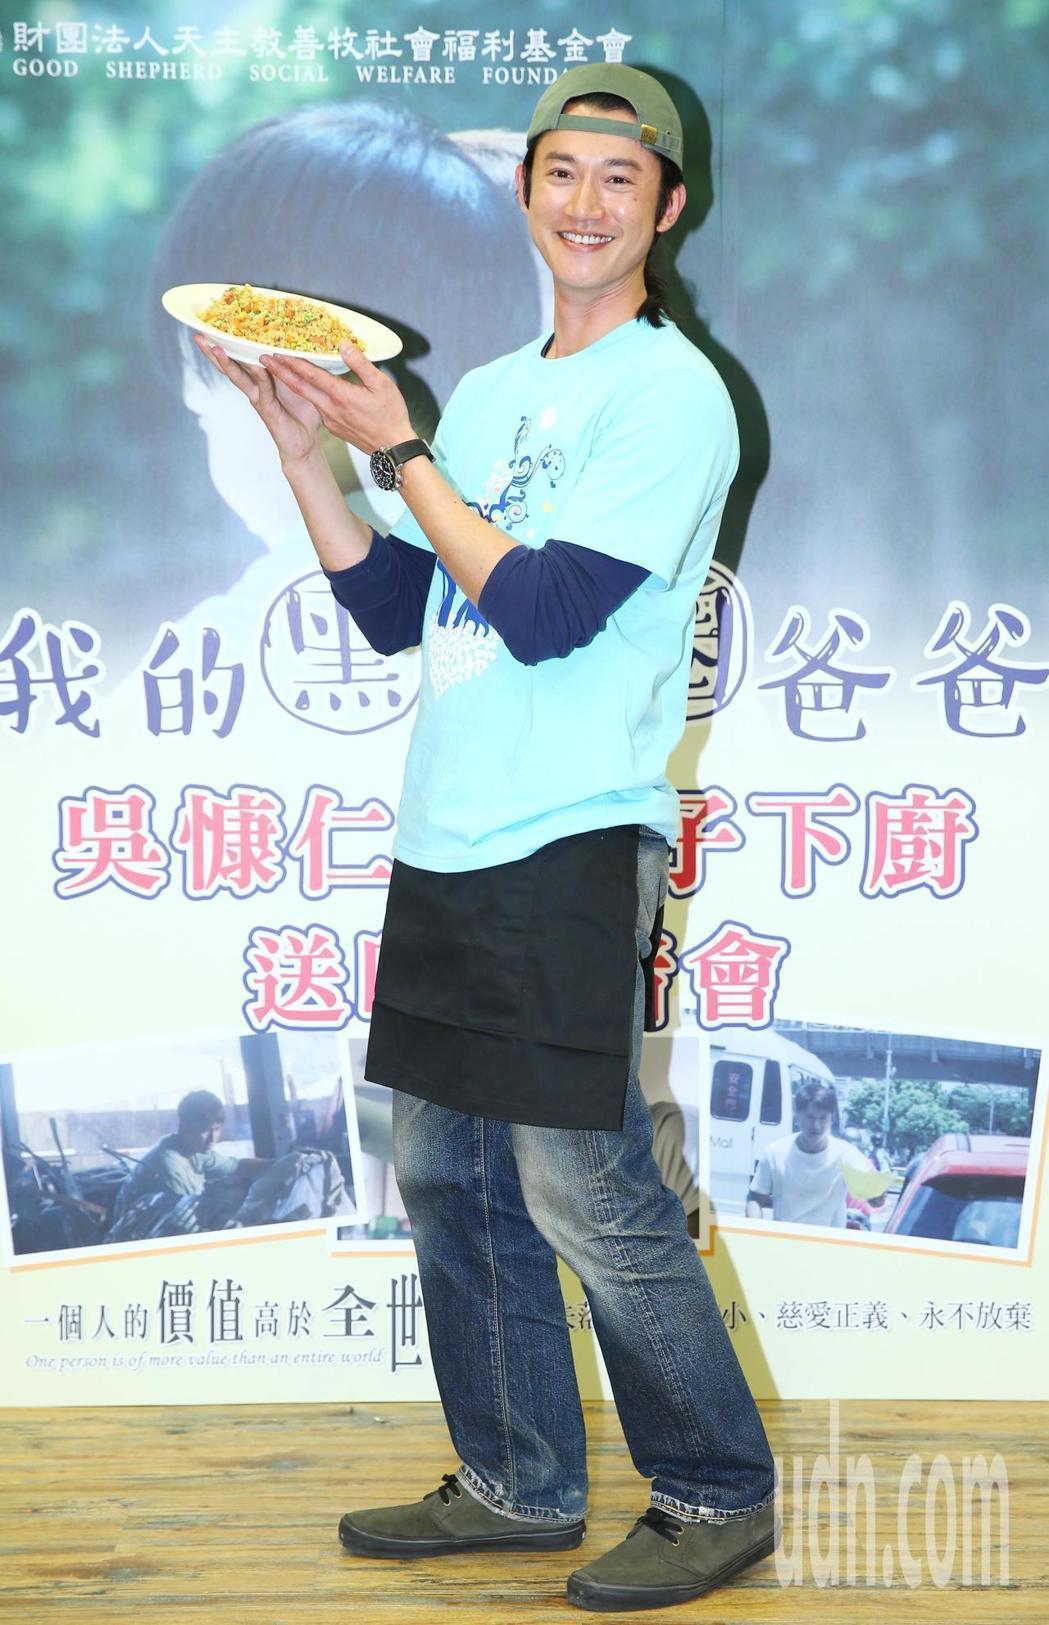 吳慷仁為公益微電影站台,並展現自己「炒飯」功力。記者曾學仁/攝影